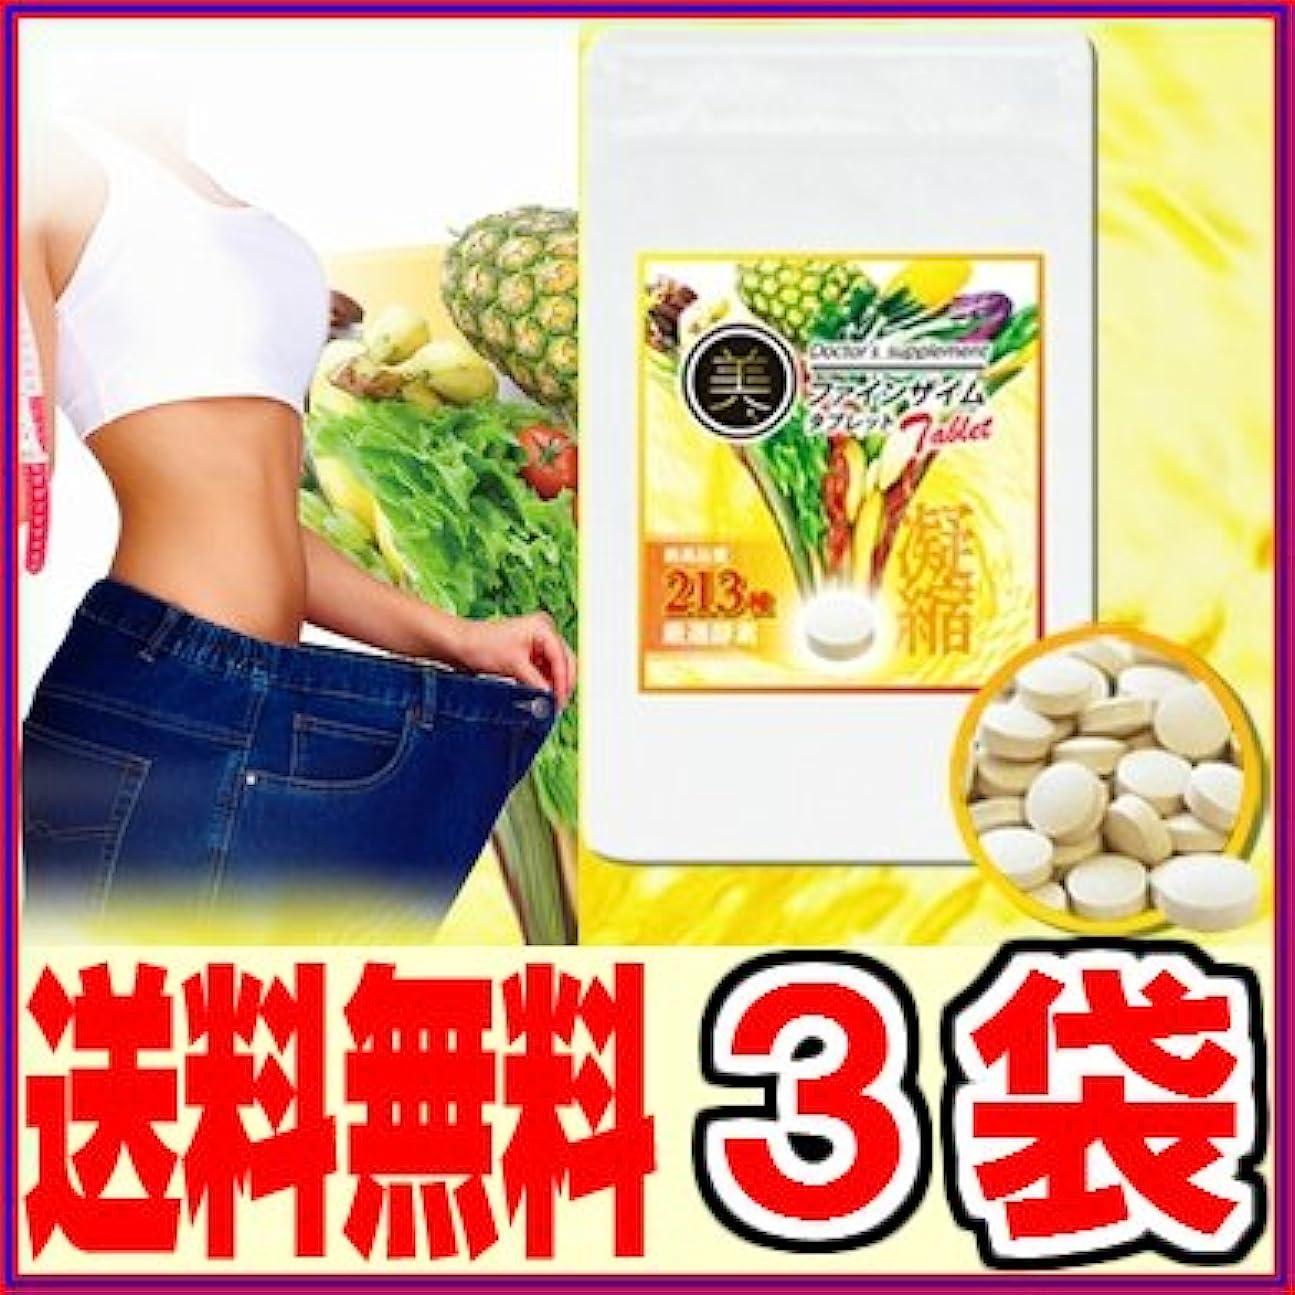 しおれた決してに美?ファインザイム タブレット90粒 ×お得3袋セット《酵素、ダイエット、エステ、213種酵素、酵素ダイエット、マイクロ、リコピン、レスベラトロール》